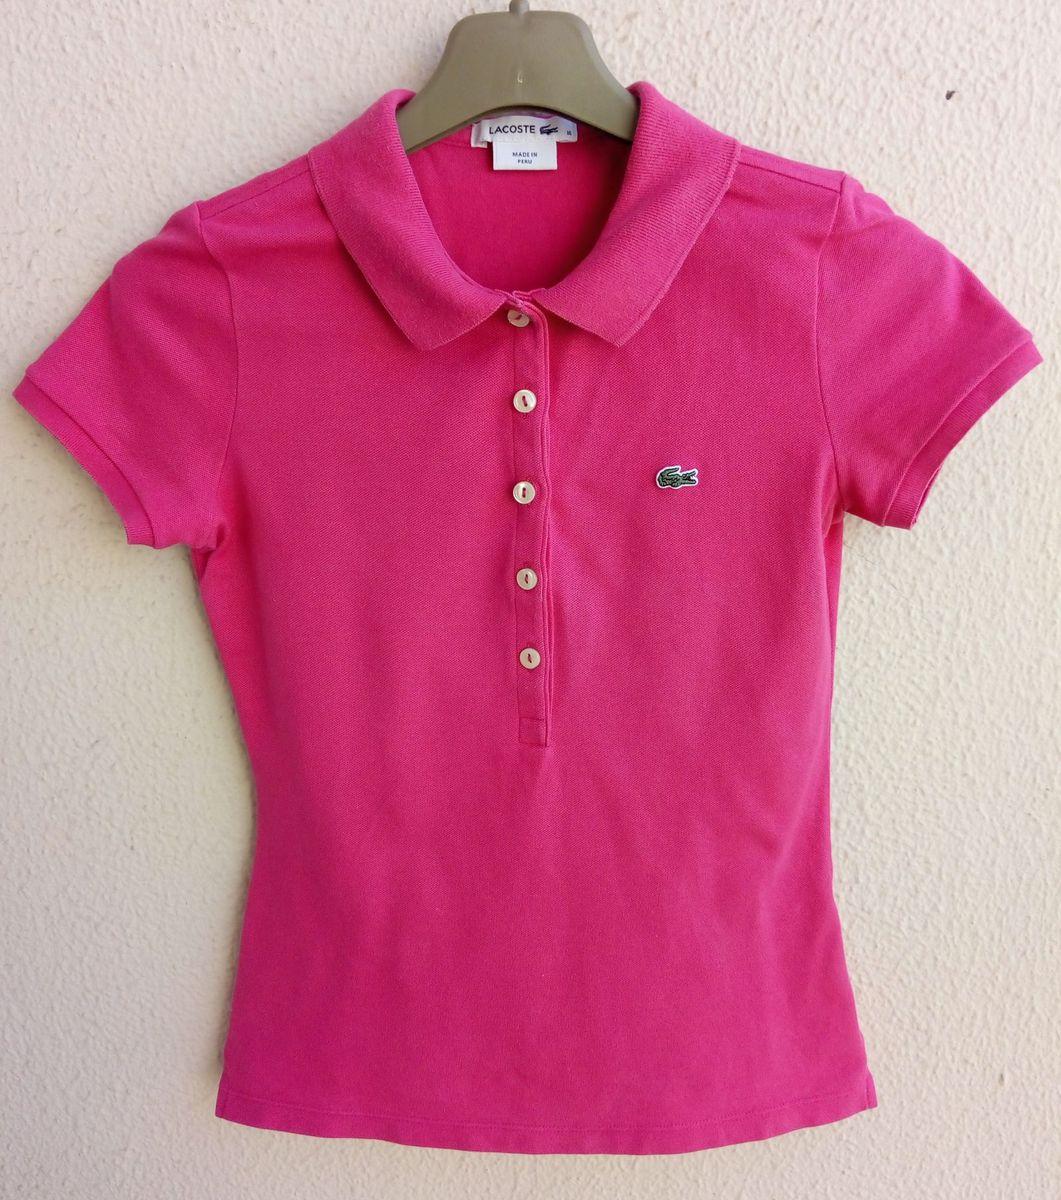 3f79e1e2f5ef8 camisa lacoste original pink - camisas lacoste.  Czm6ly9wag90b3muzw5qb2vplmnvbs5ici9wcm9kdwn0cy81mdiwmte1lzkwmzaymzfmnjk1njkyotexnwjmmjcymgfhzwi2zjrklmpwzw  ...